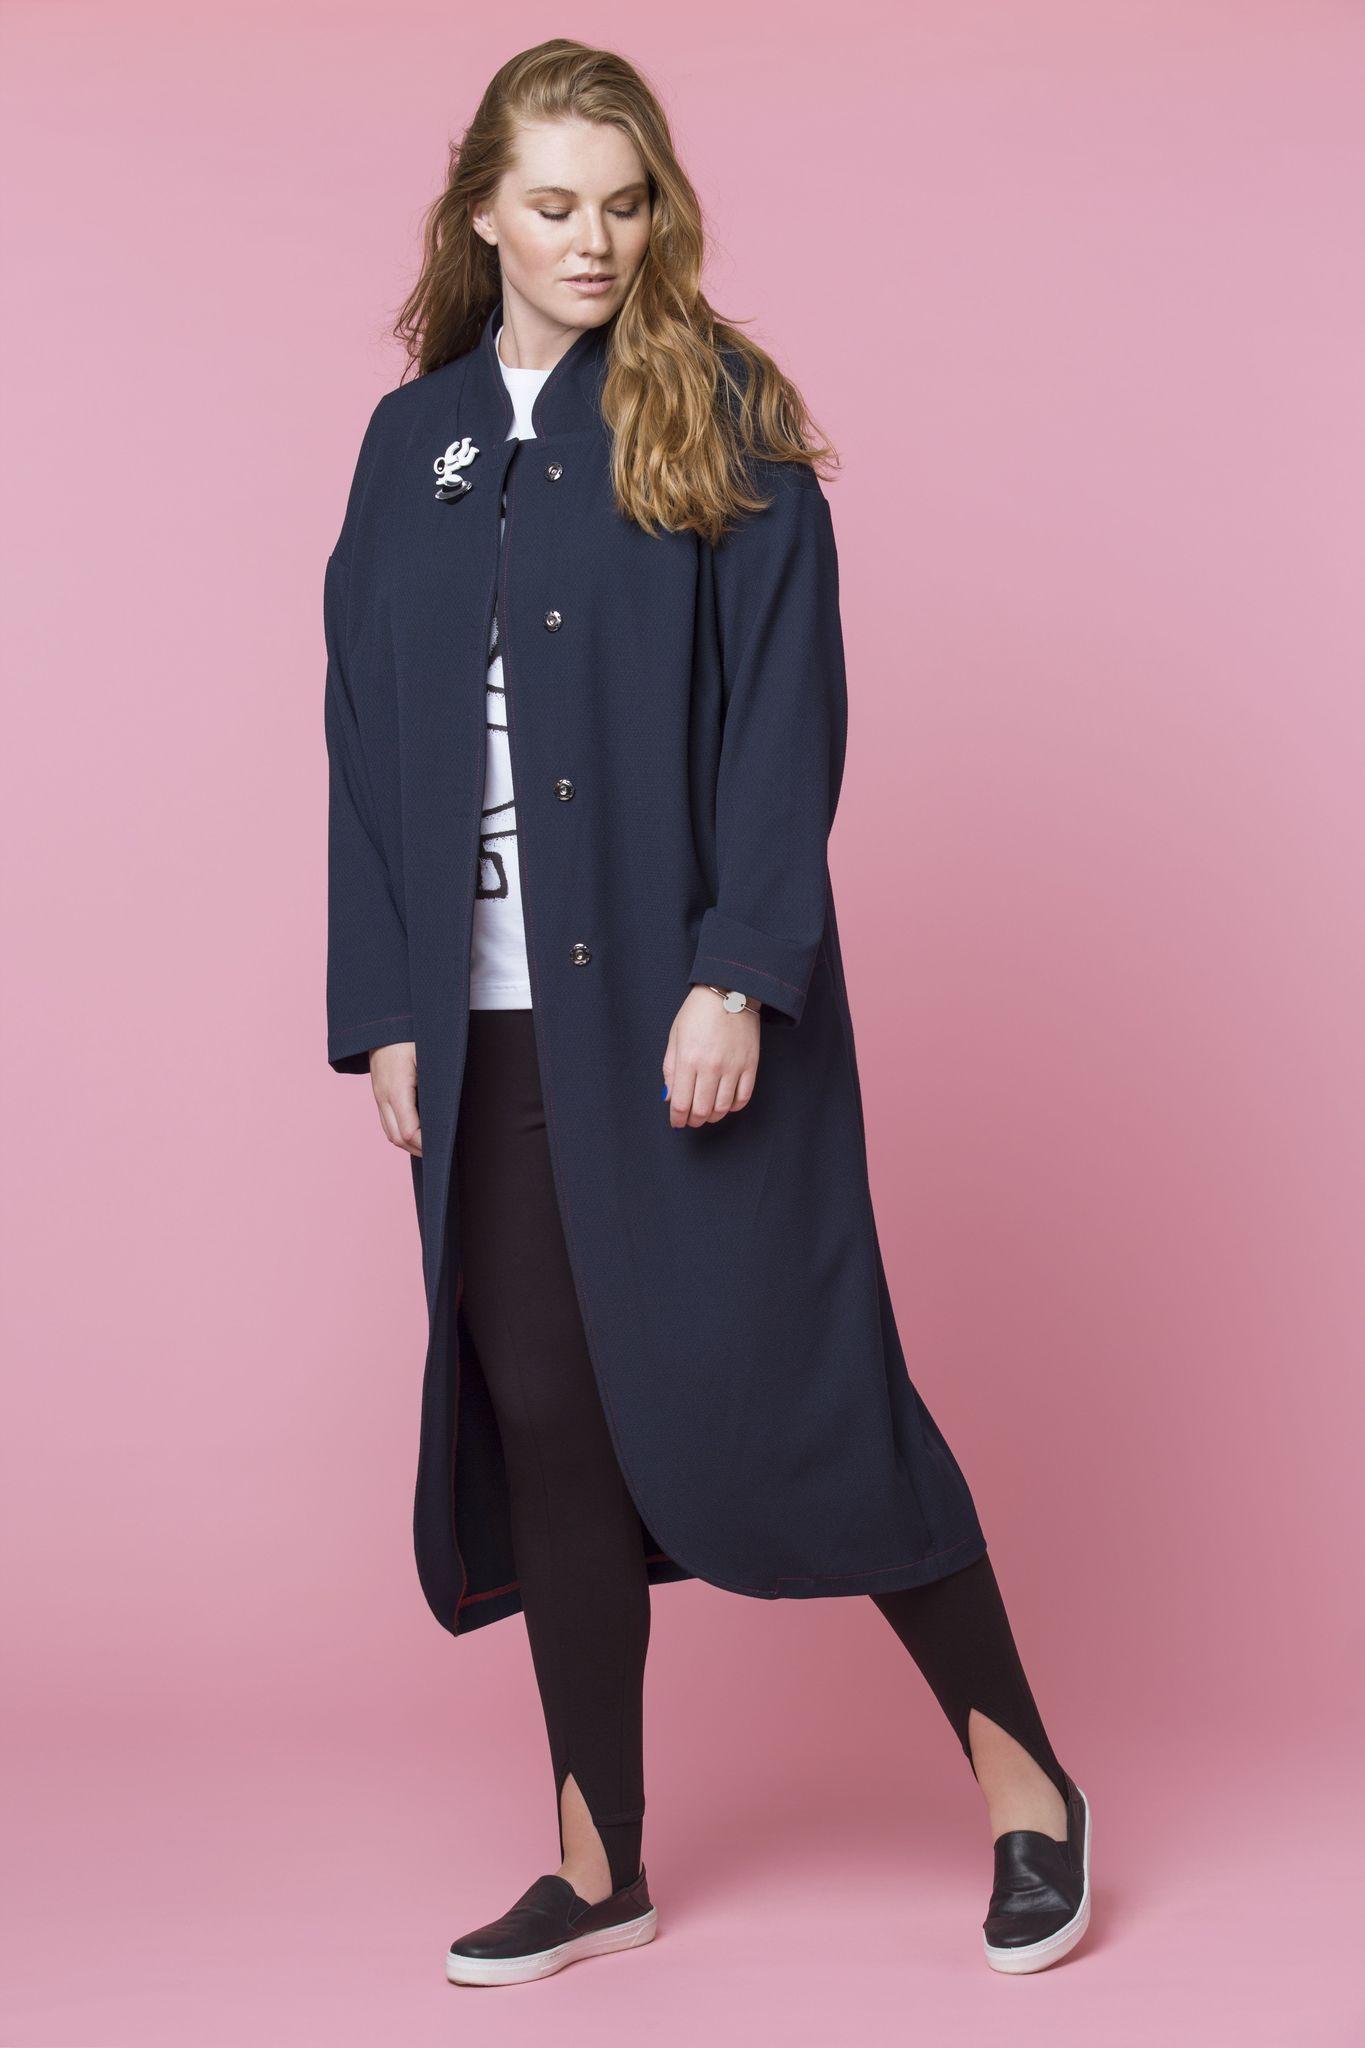 Пальто LE-05 CO01 31Пальто<br>Динамичный стиль современной городской жизни диктует свои предпочтения в плане верхней одежды, например, такой, как пальто-пиджак из плотного материала. Строгость кроя и легкий «мужской» акцент на силуэте – это не единственные плюсы женского пальто-пиджака, его практичность и универсальность использования сделают его незаменимой вещью в любом гардеробе, а контрастная строчка, придаст образу завершенность. Конечно, присутствуют  карманы, длина чуть ниже колена. Рекомендуем носить с кедами, лоферами, кроссовками и балетками. Рост модели на фото 179 см, размер - 54 российский.<br>